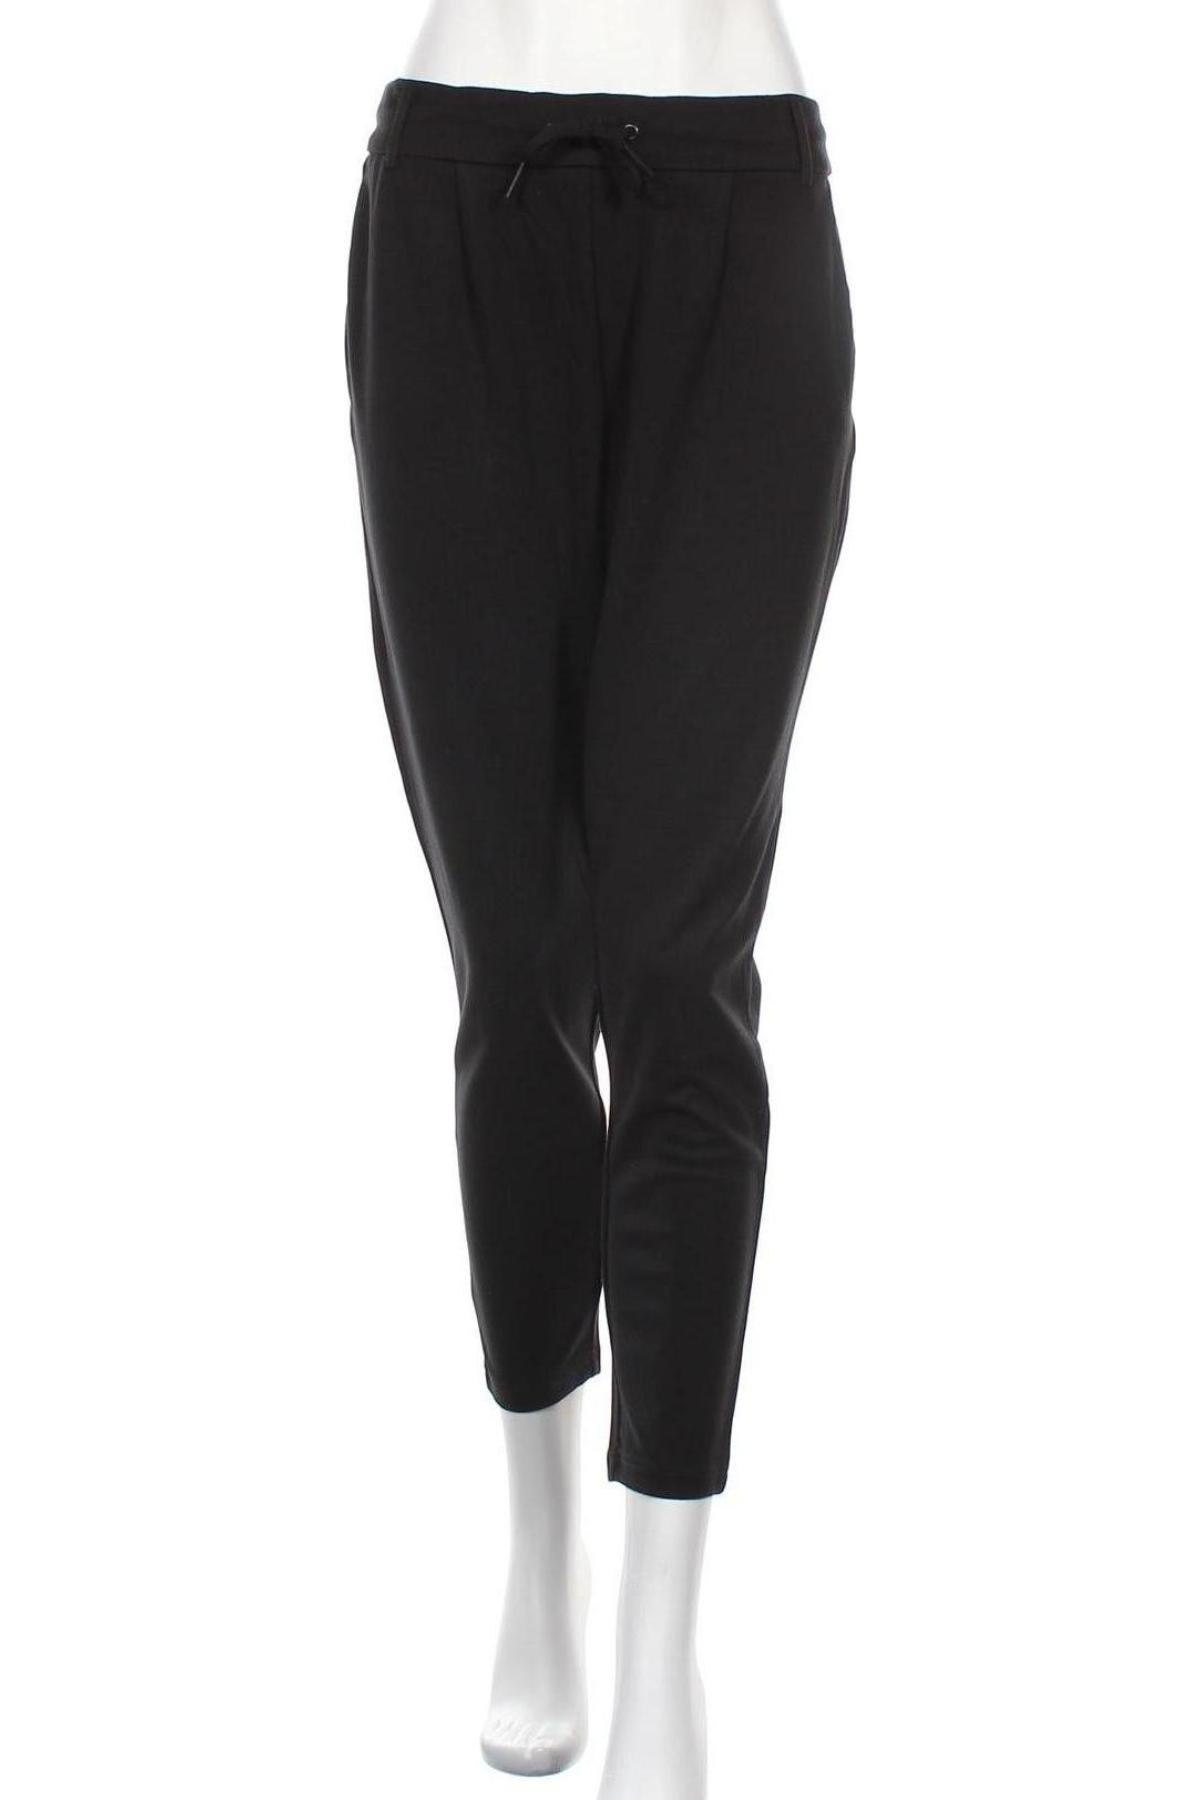 Дамски панталон ONLY, Размер L, Цвят Черен, 63% вискоза, 32% полиамид, 2% еластан, Цена 27,00лв.